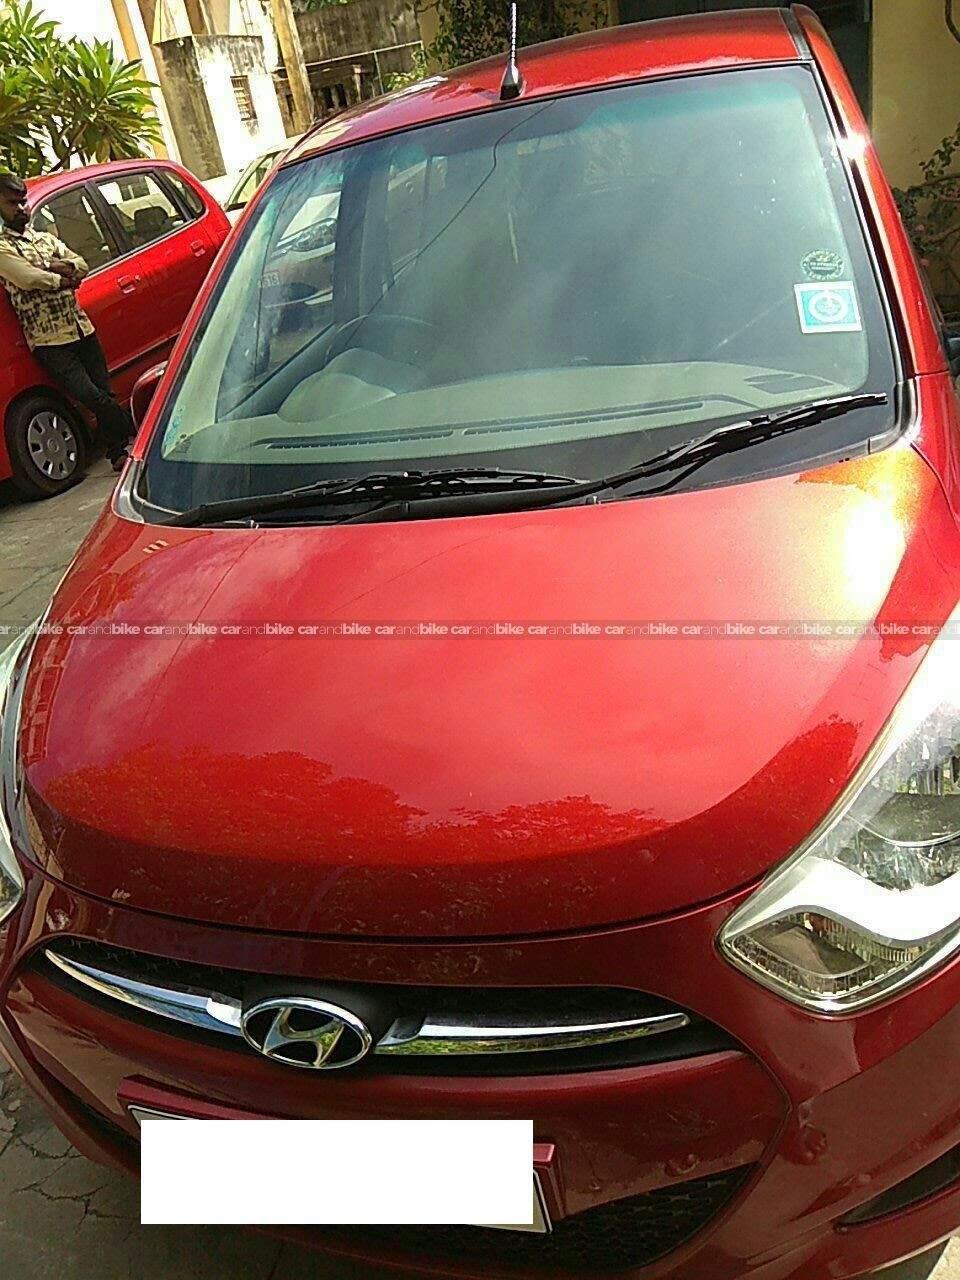 Hyundai I10 Sportz 11 Irde2 Front View